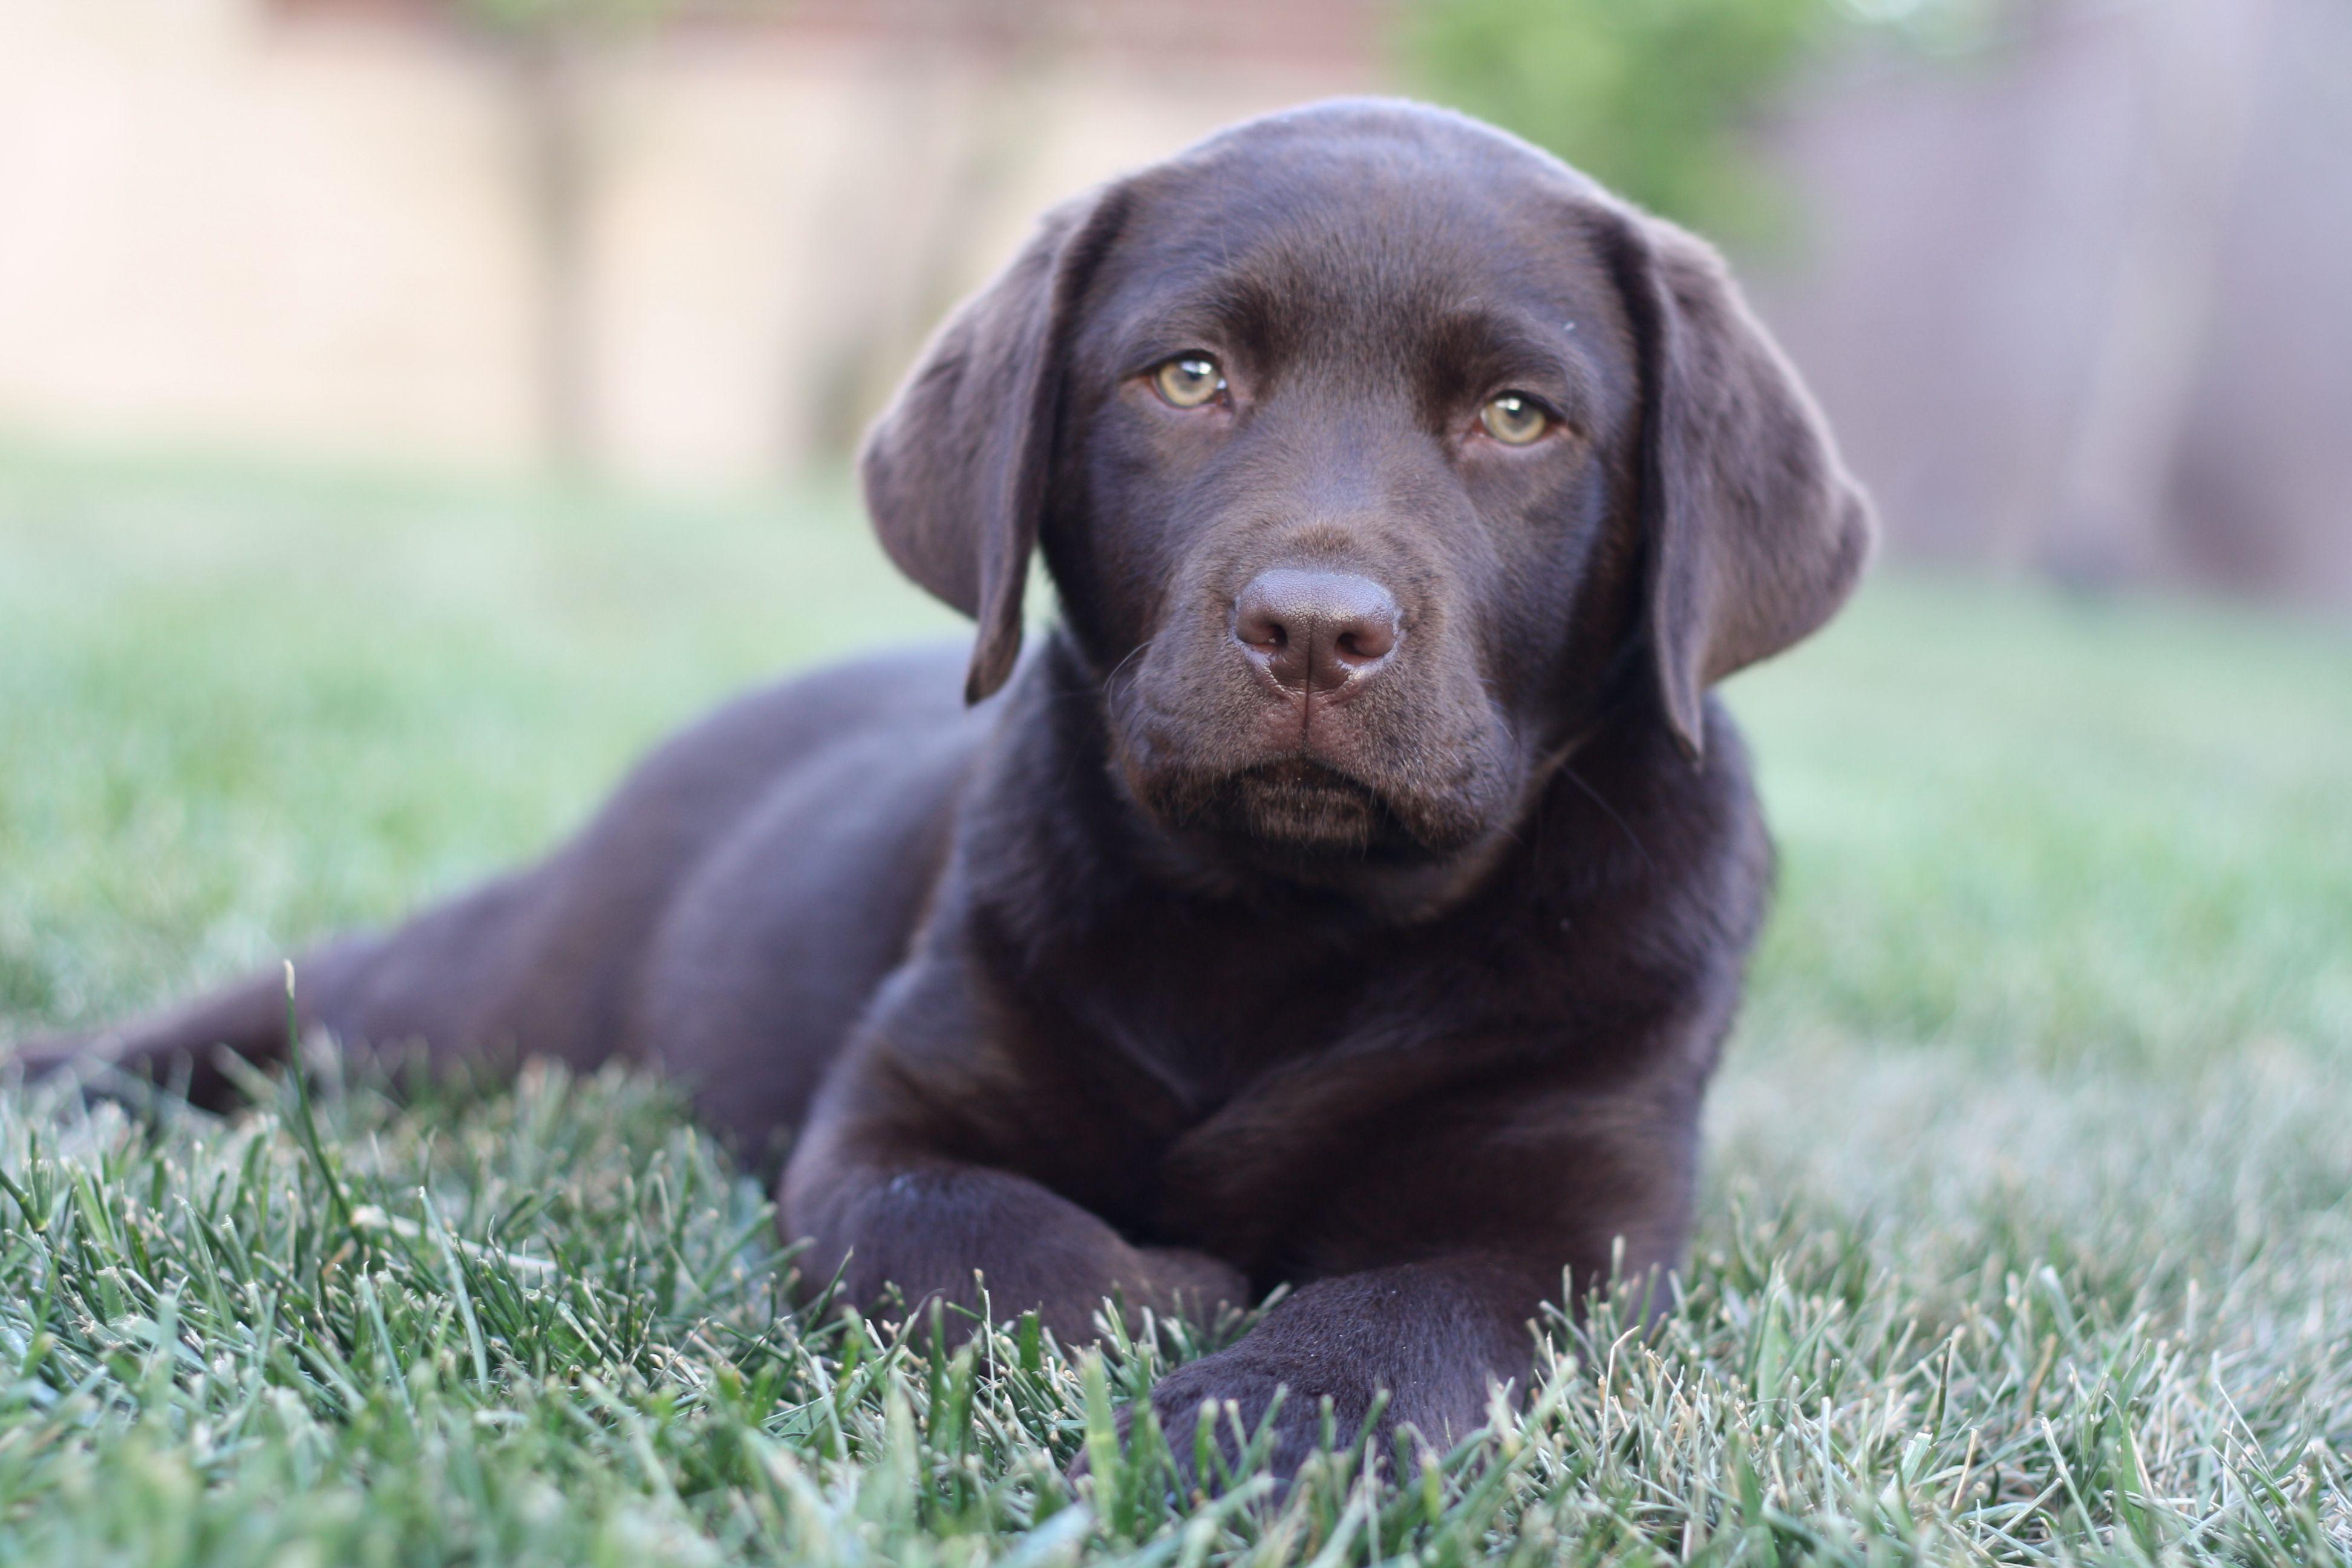 Es La Hora De Mi Paseo Labrador Retriever Puppies Puppies Lab Puppies